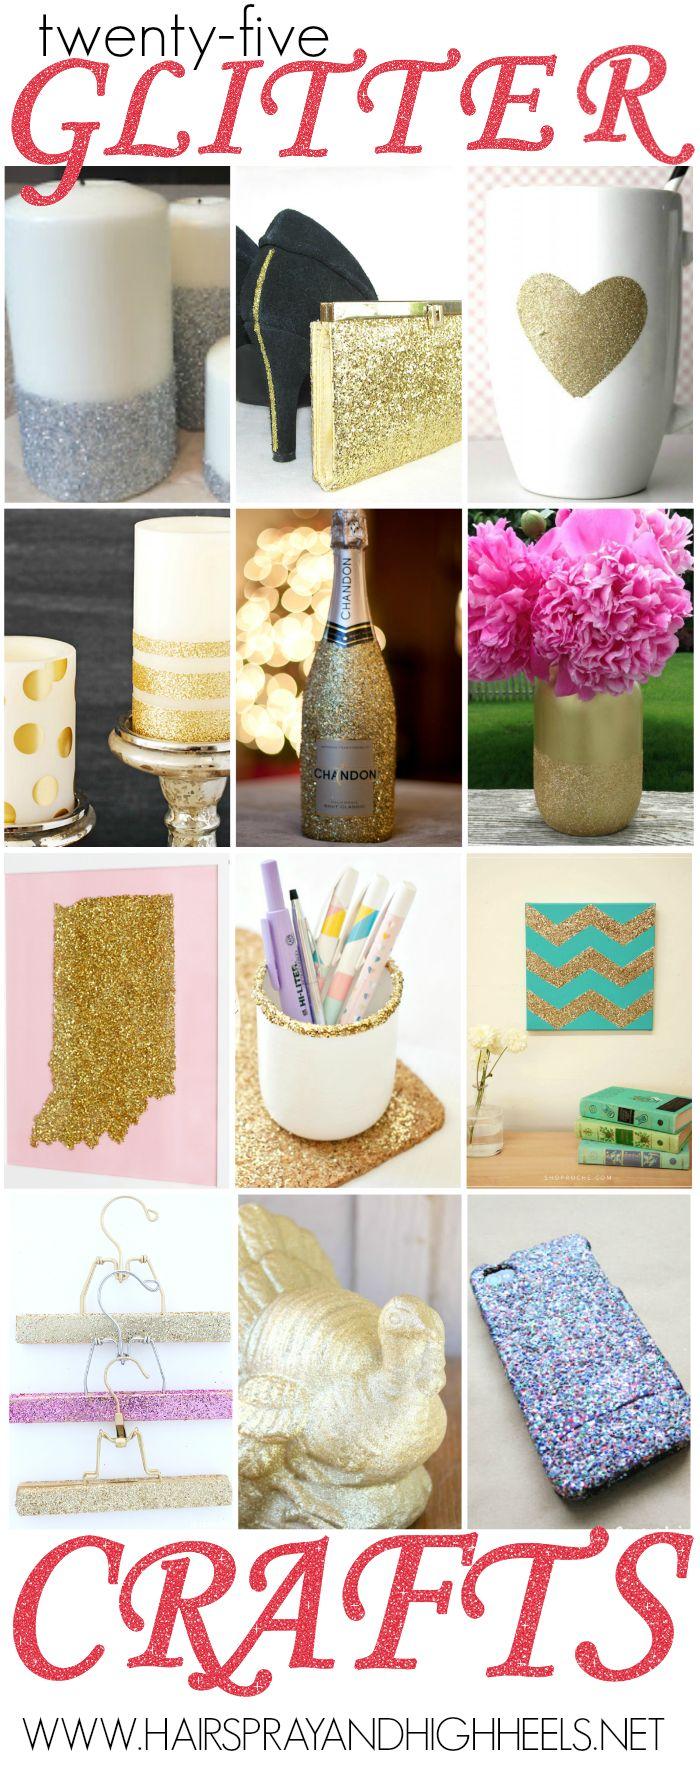 25 Glitter Crafts via www.hairsprayandhighheels.com